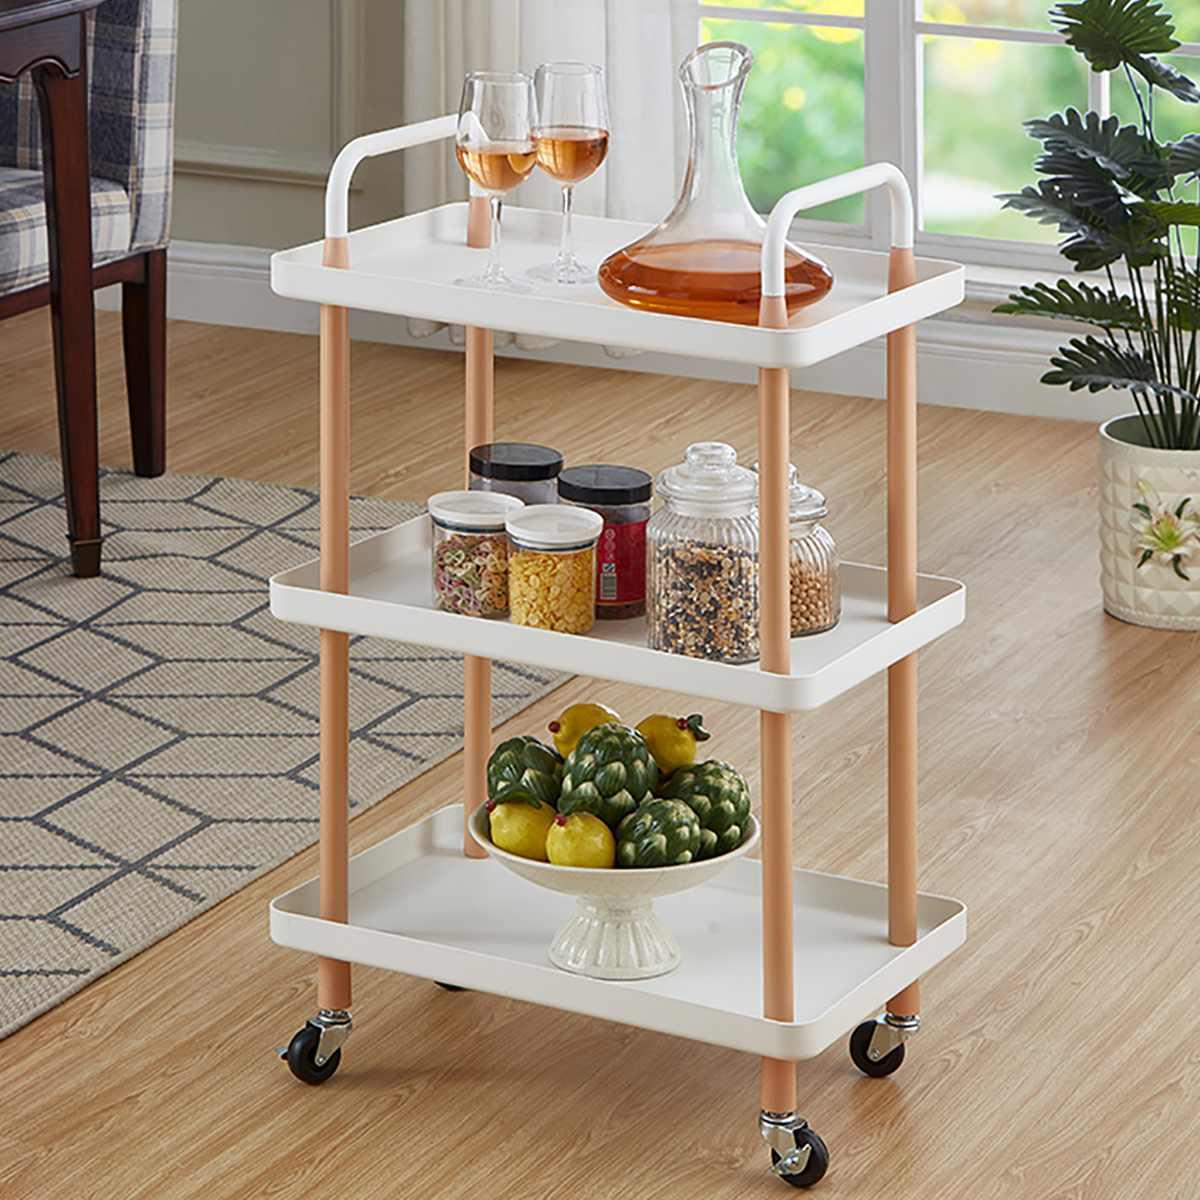 3-Tier الشمال نمط المتداول عربة مربع المطبخ تخزين الرف المنظم عربة مع عجلات للمنزل مكتب 36x54x85cm